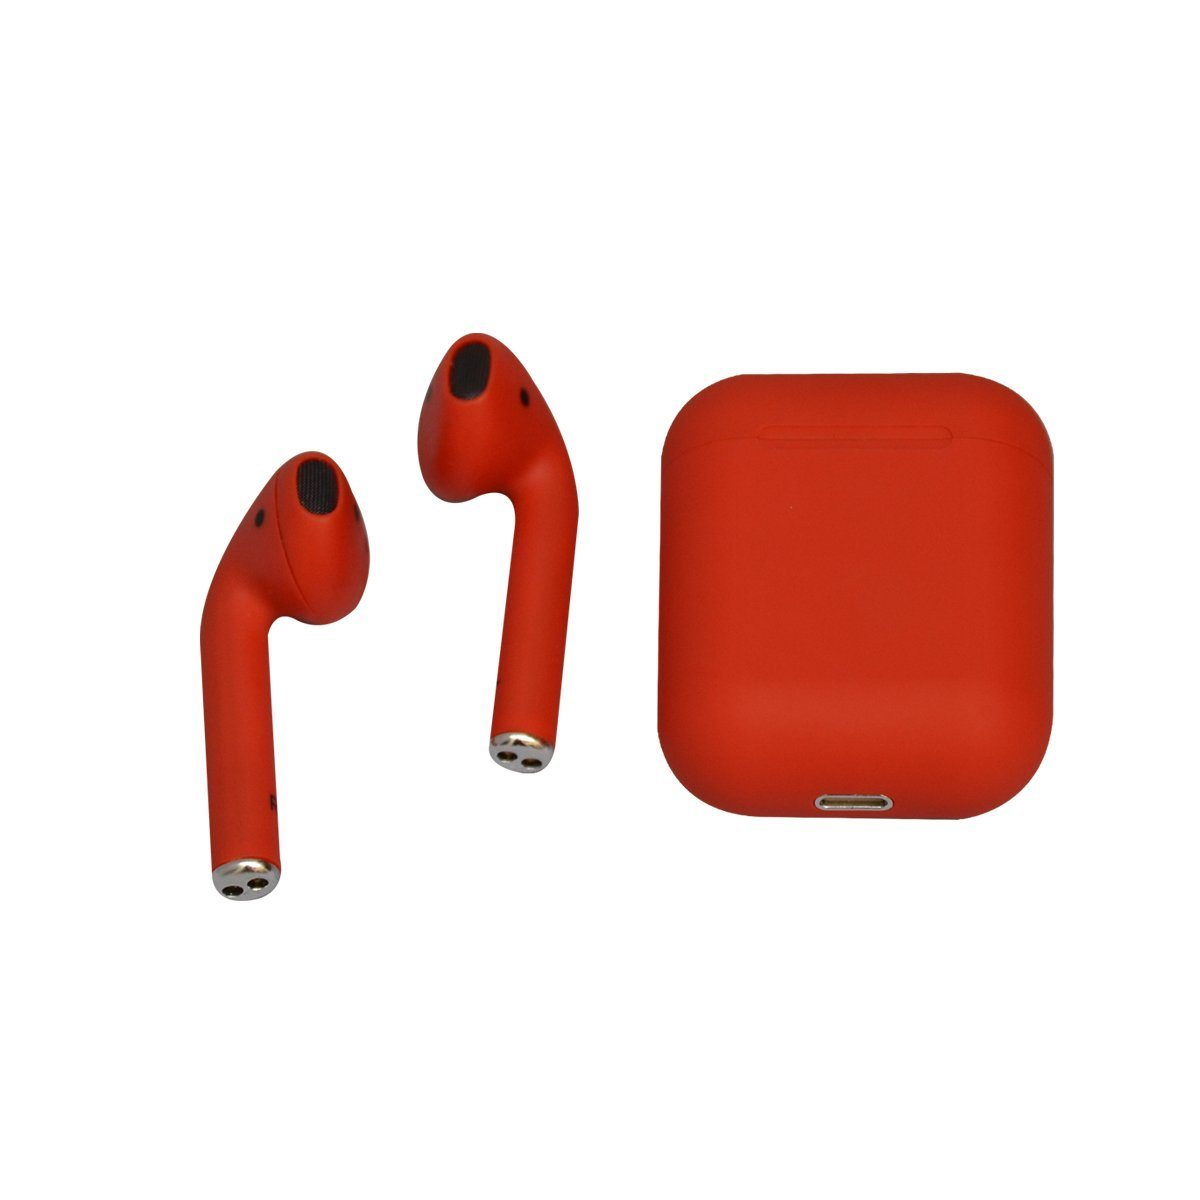 Audífonos Lhotse Bluetooth Inalámbrico Rm12 Rojo